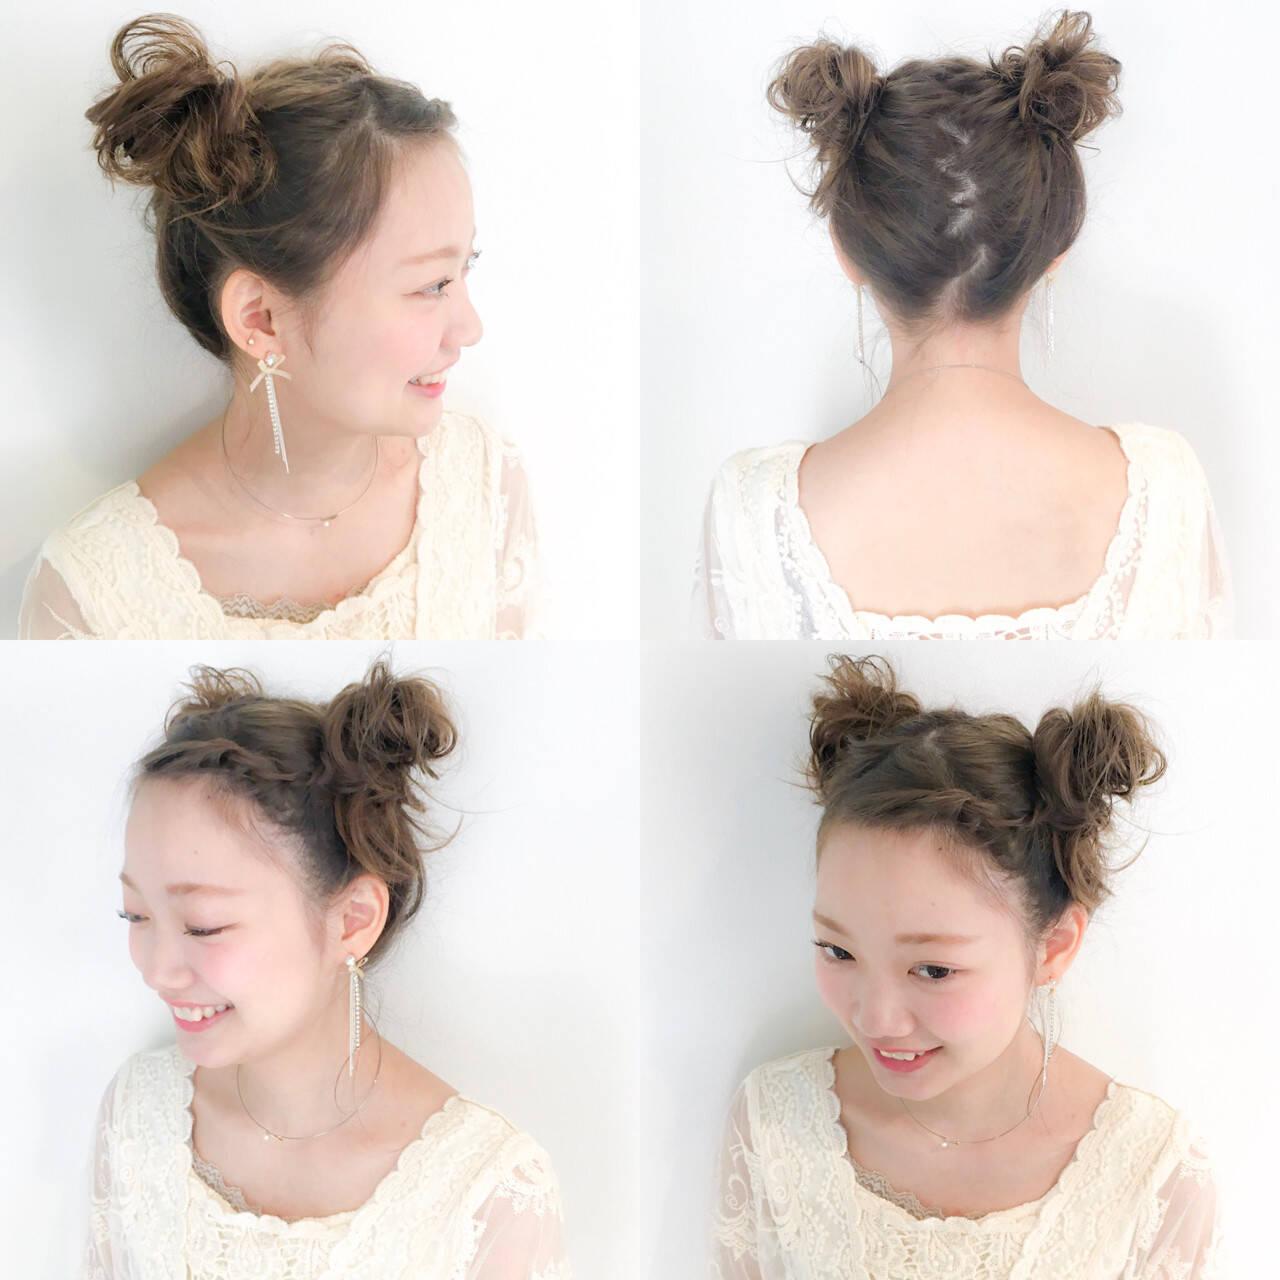 セミロング お団子 ディズニー ヘアアレンジヘアスタイルや髪型の写真・画像